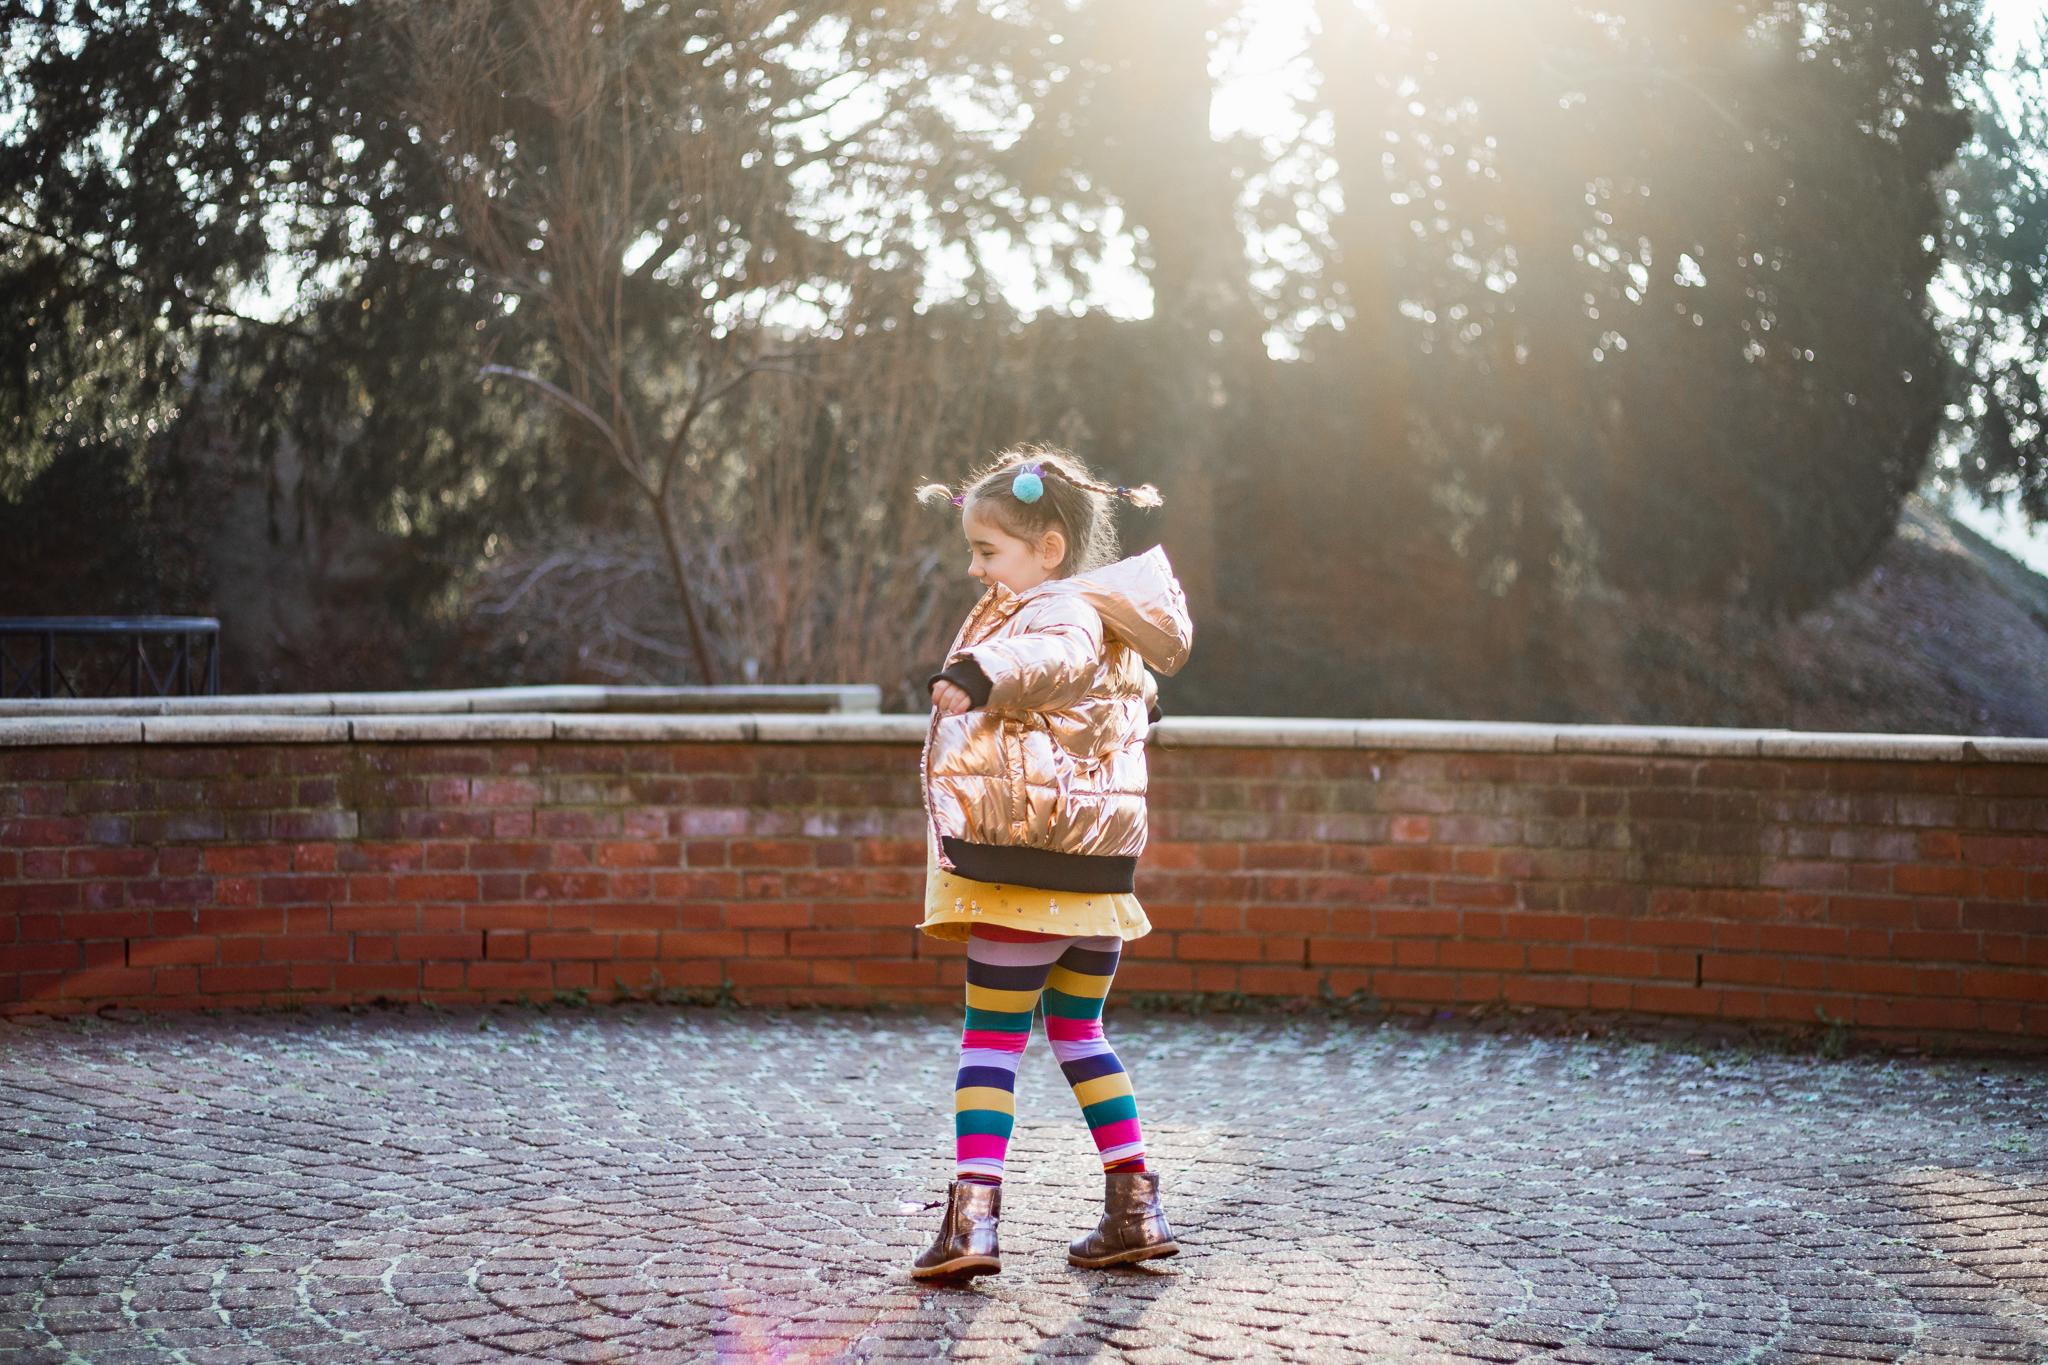 Bond Photography Family and Lifestyle Photographers Bedfordshire Hertfordshire Cambridgeshire